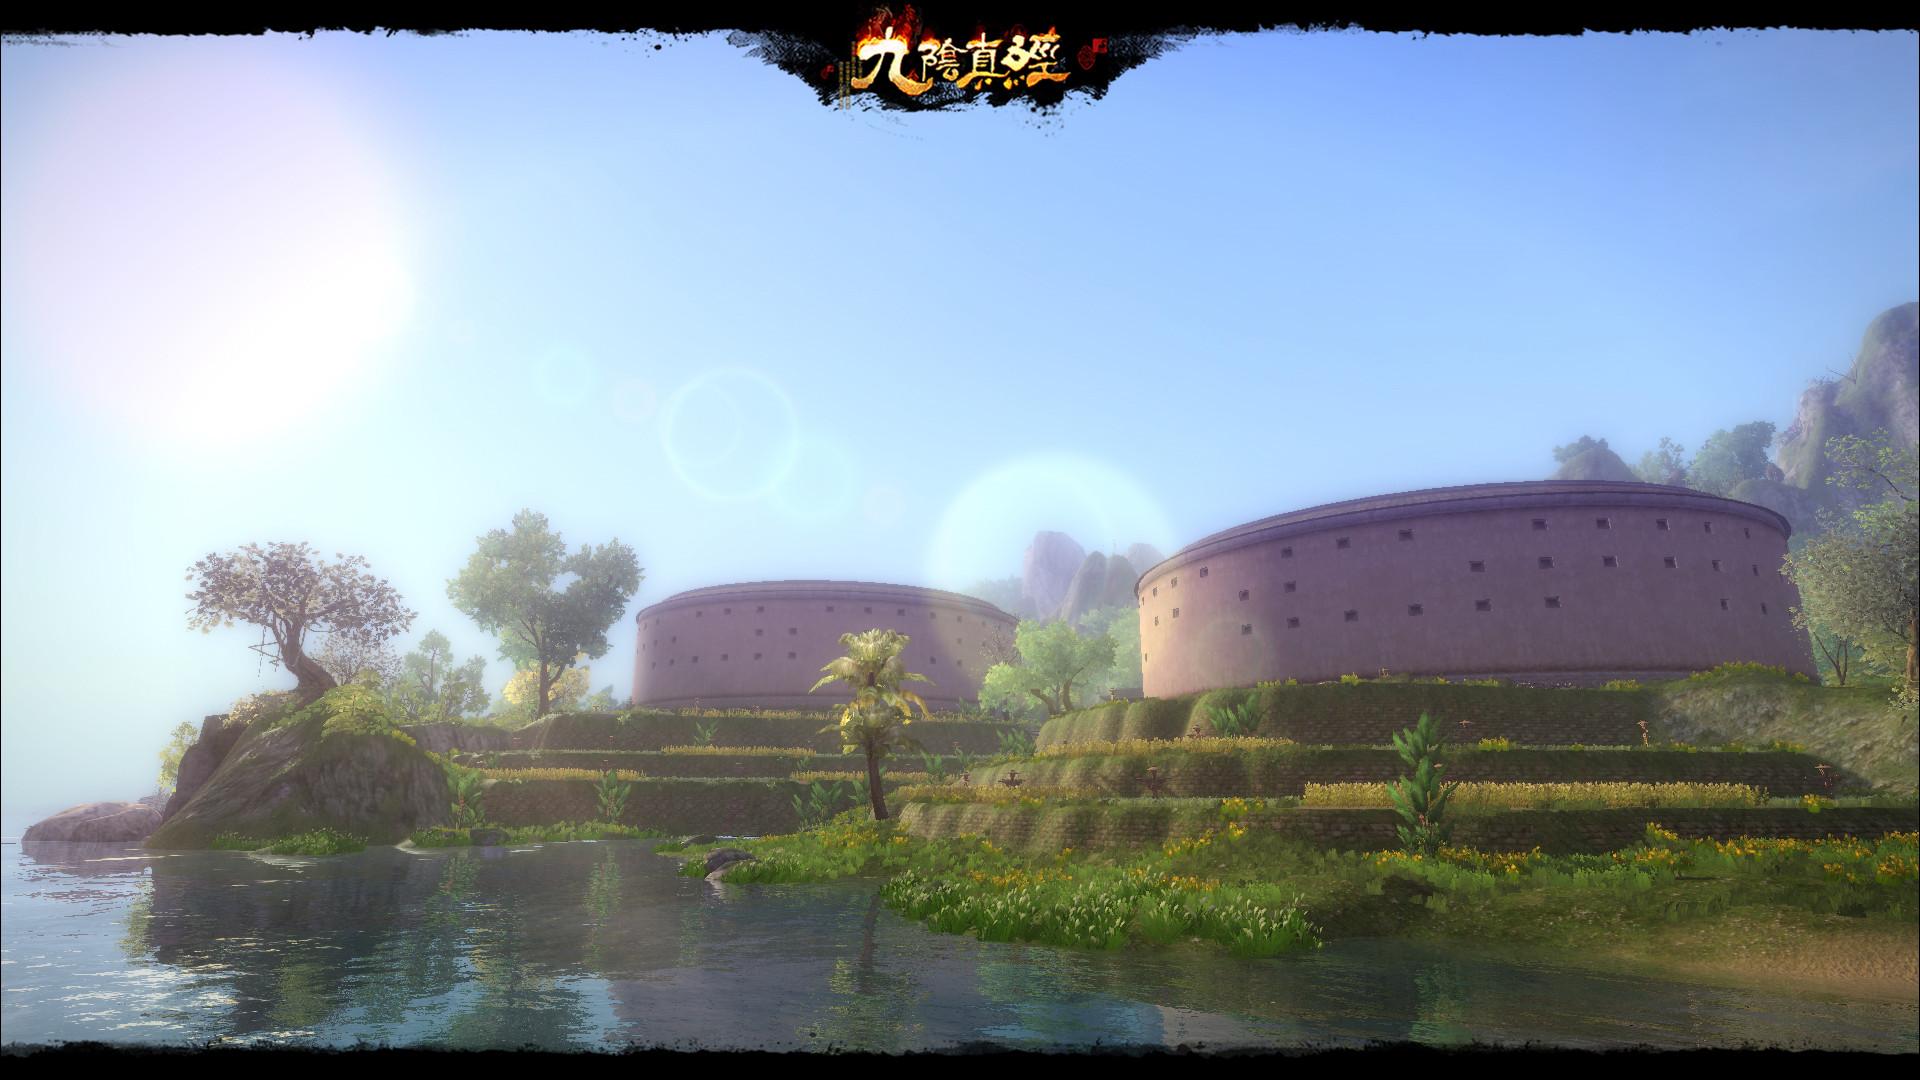 ▲雙龍堡四周風景秀麗,有如世外桃源